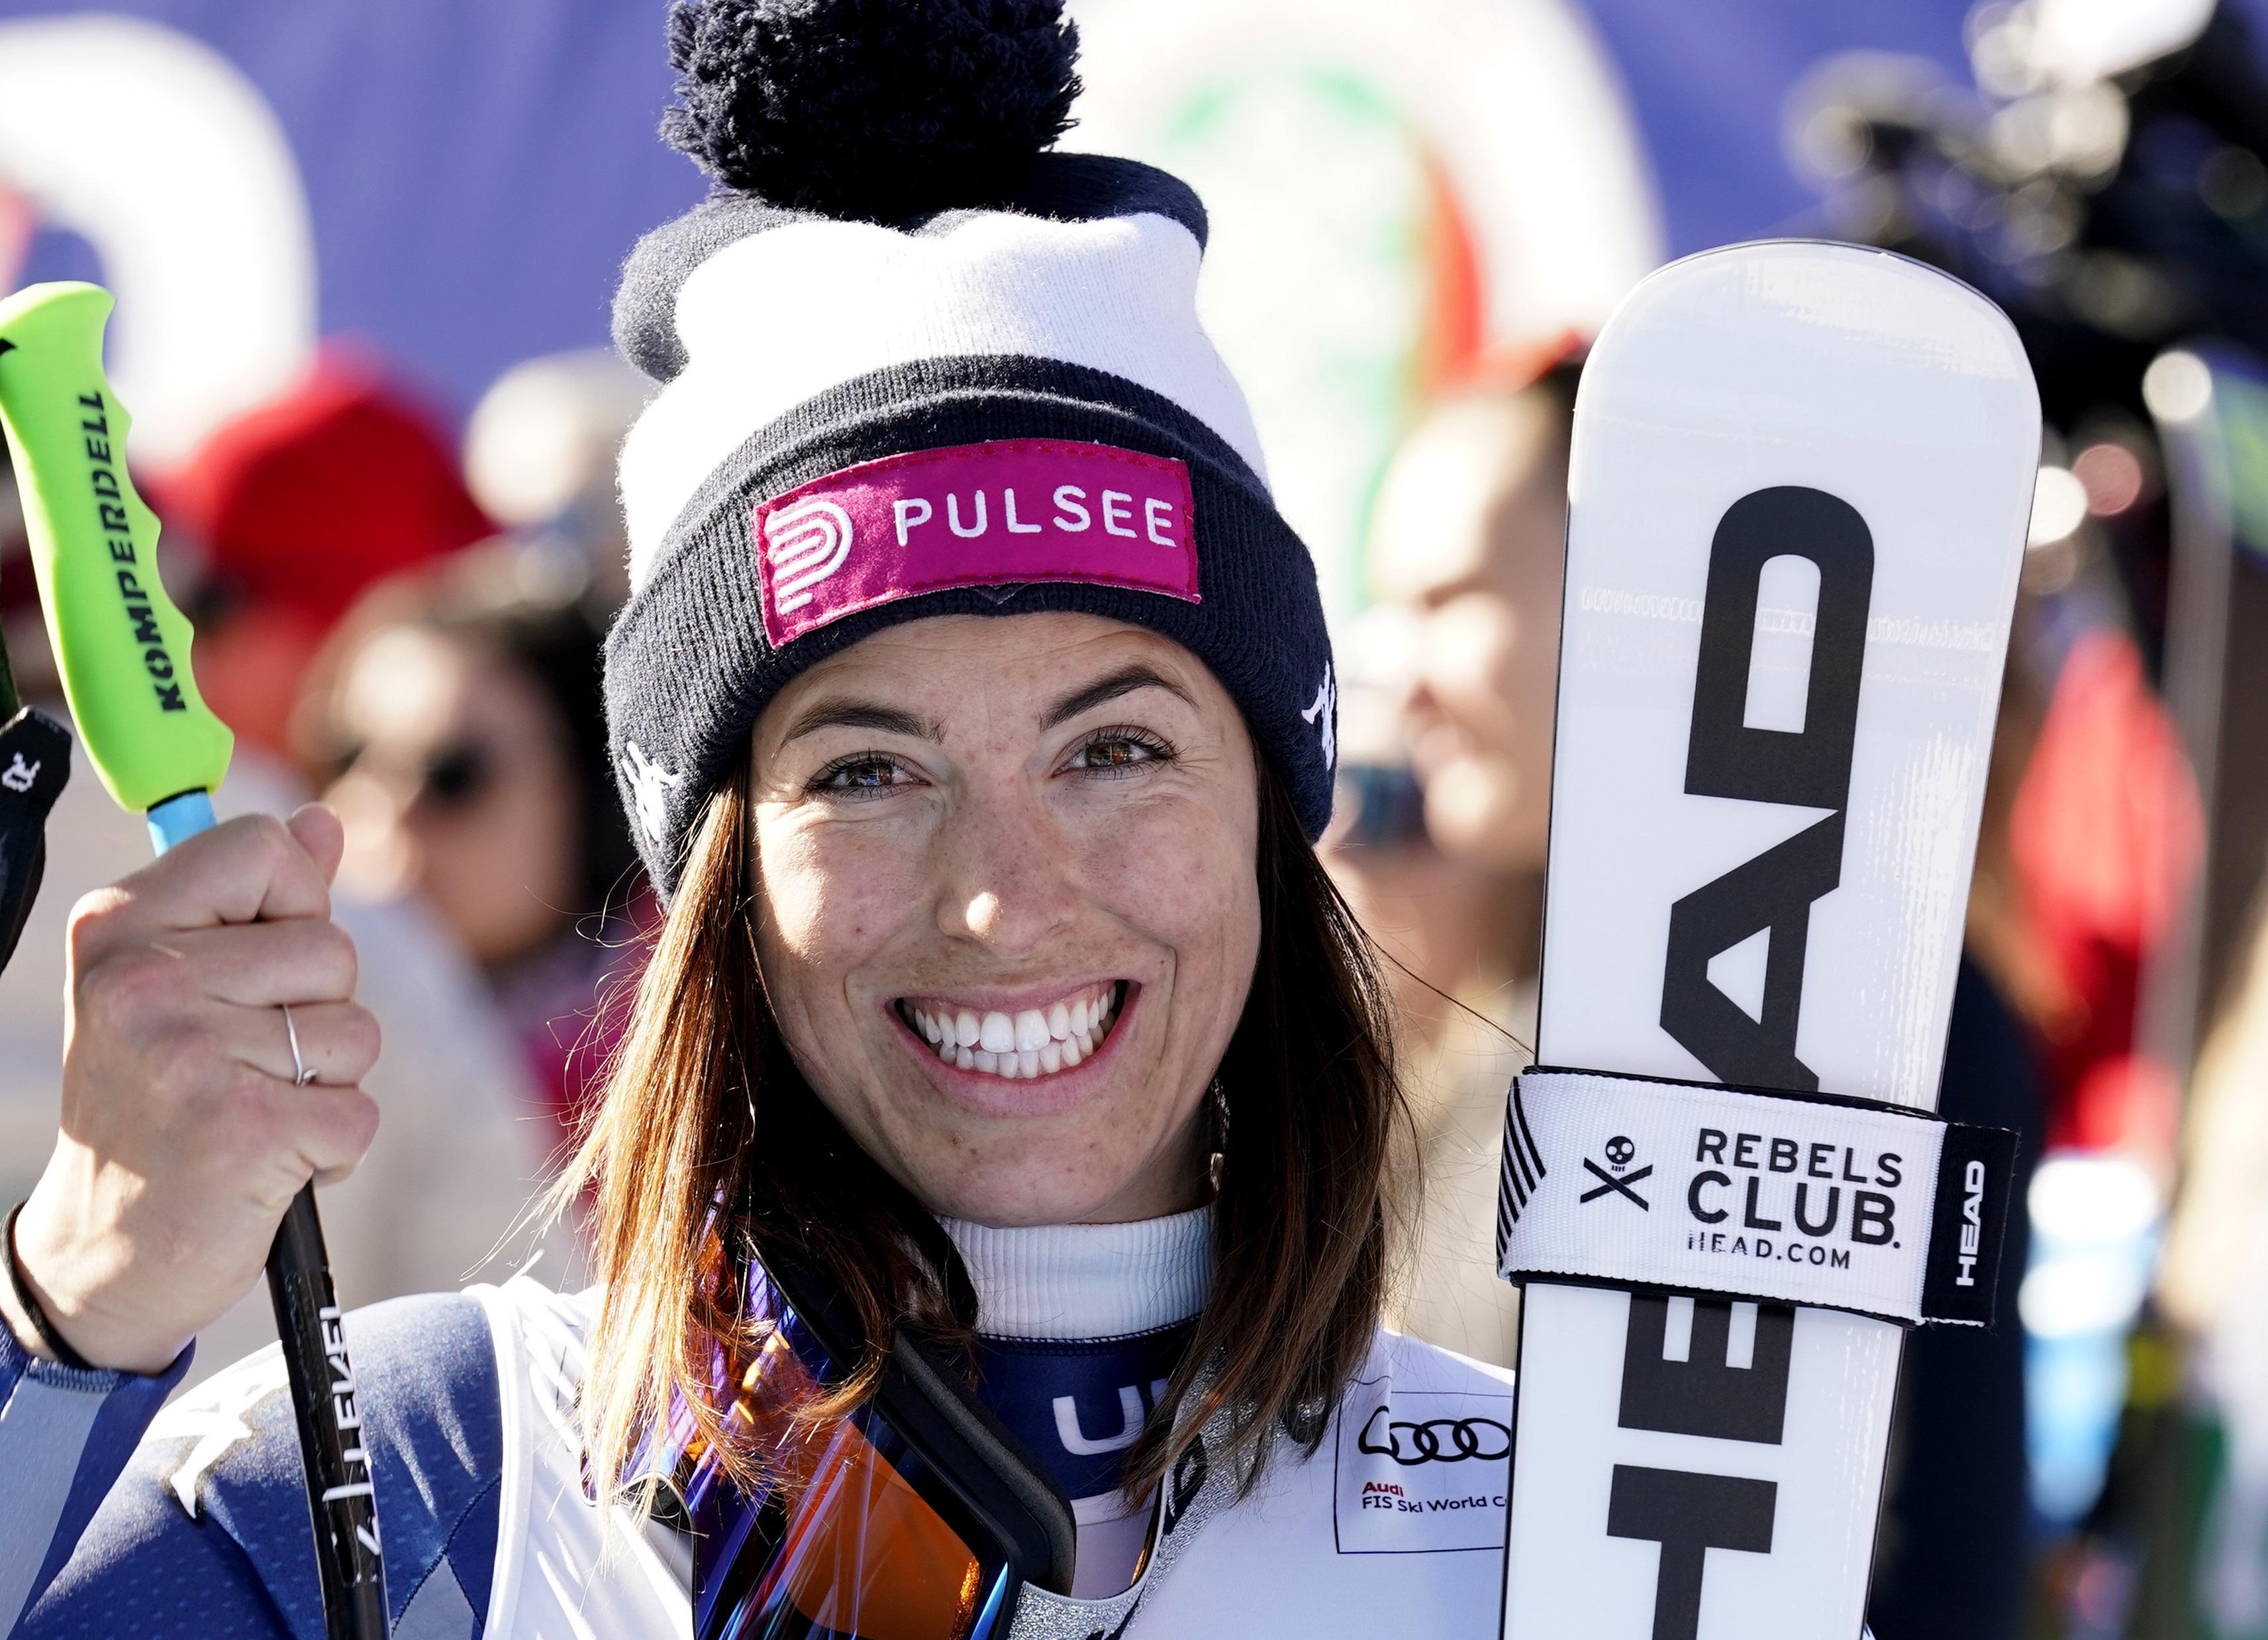 Mondiali Cortina, scopriamo Elena Curtoni e le sue passioni